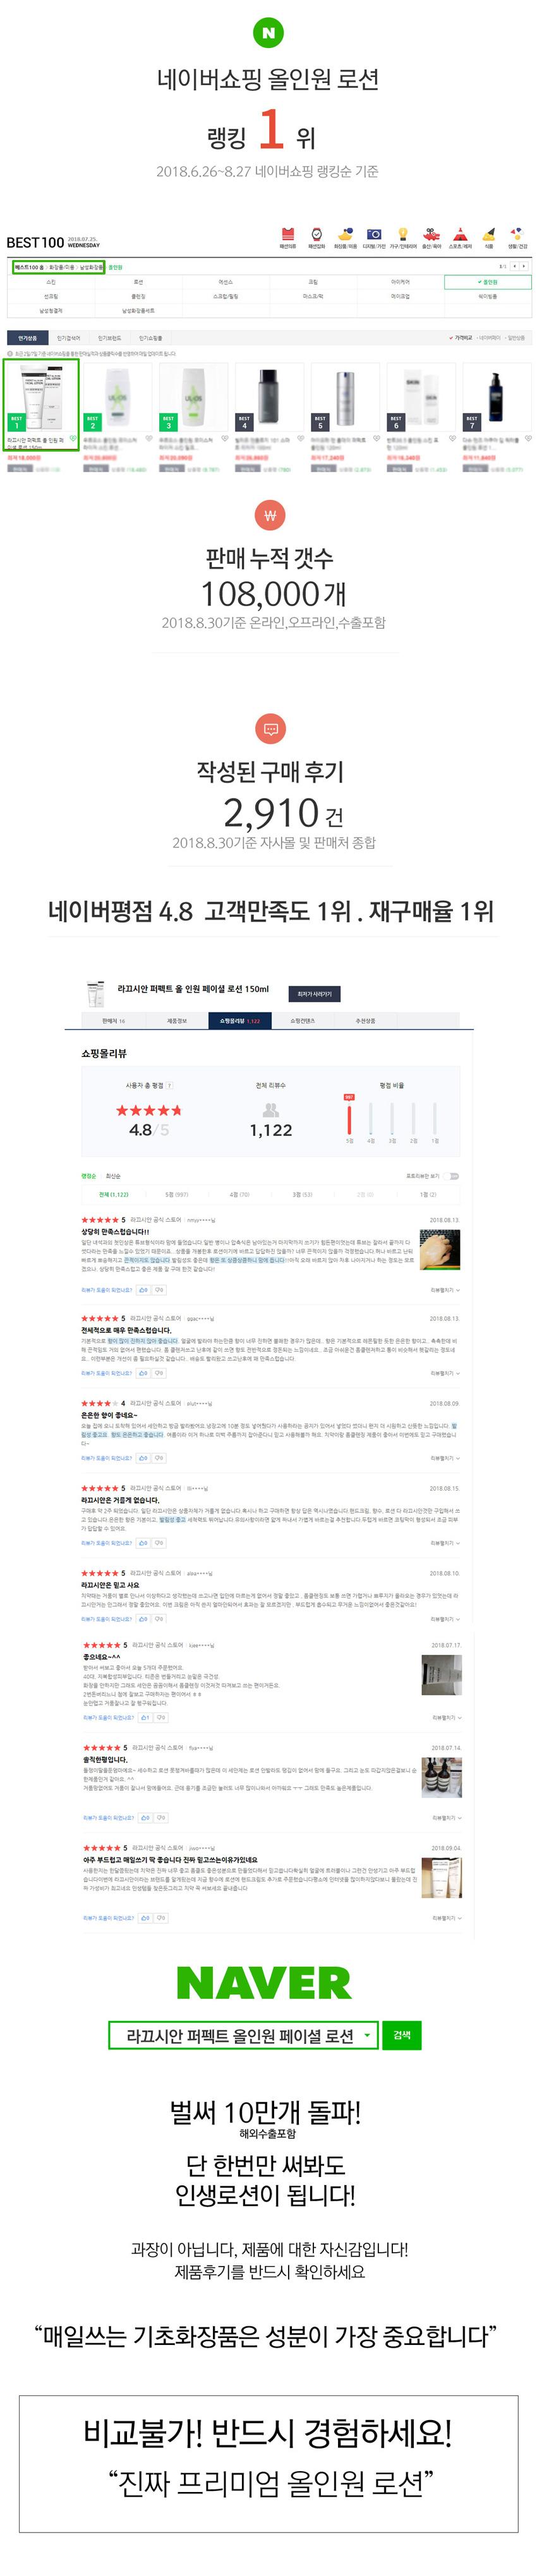 라끄시안 퍼펙트 올인원 페이셜 주름개선 로션 150ml - 커넥팅피앤비, 19,500원, 에센스/로션, 로션